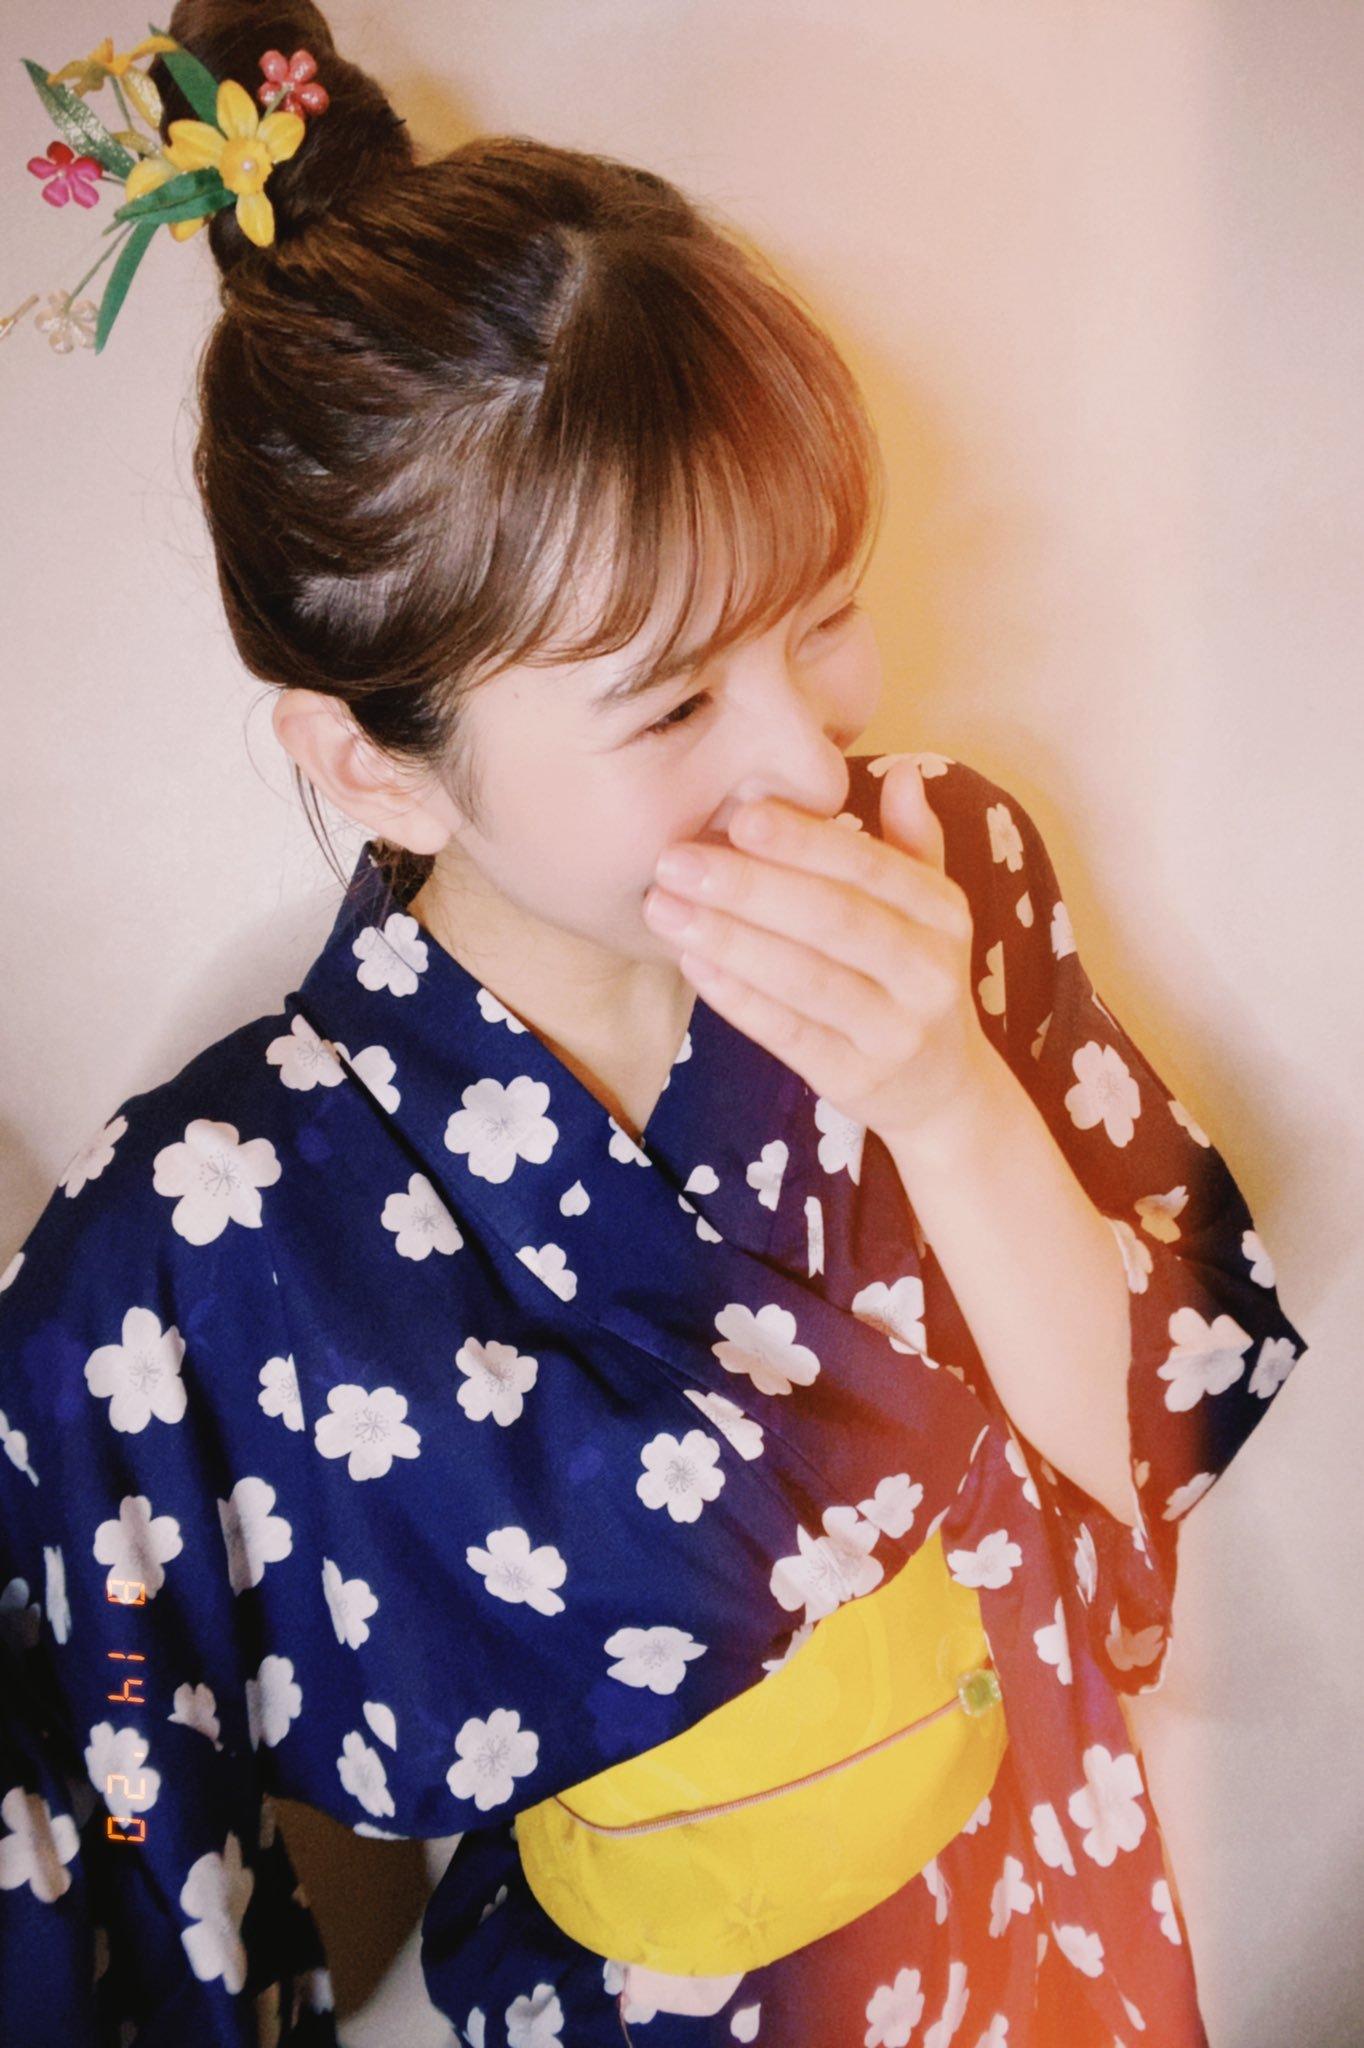 [日本]2020年杂志选美冠军新井遥超嫩脸蛋迷倒众人 养眼图片 第6张